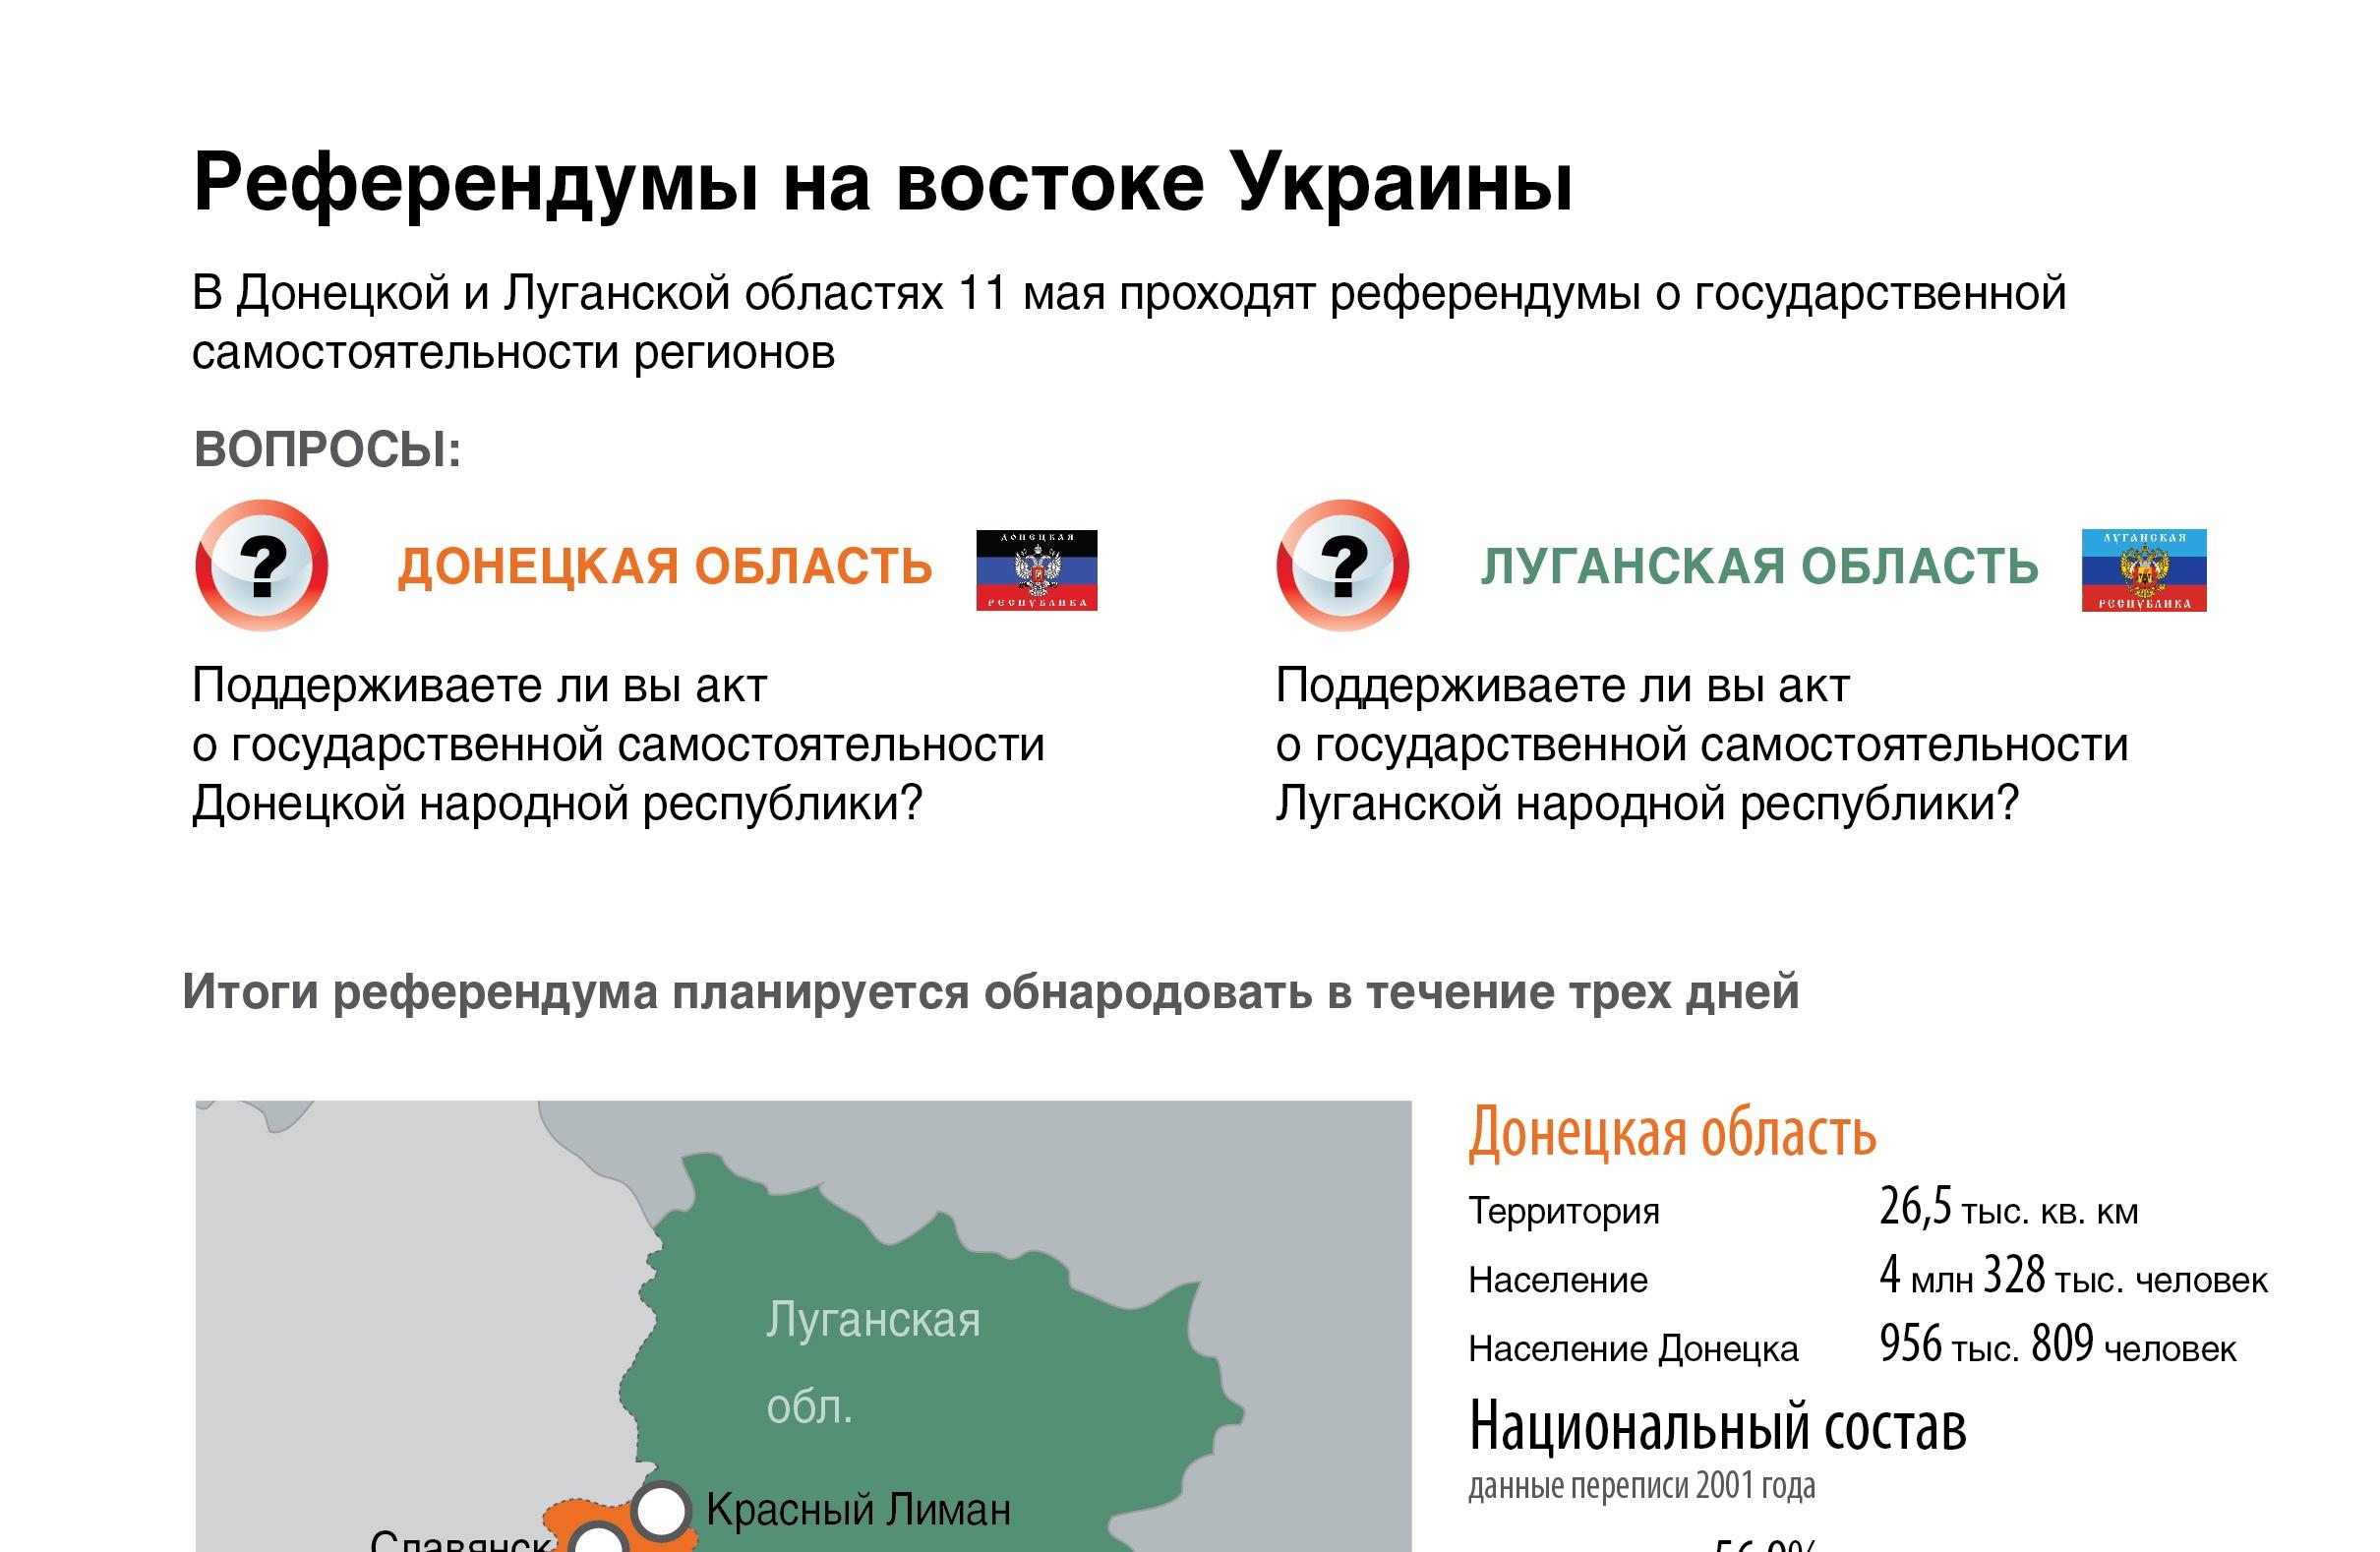 Референдумы на востоке Украины